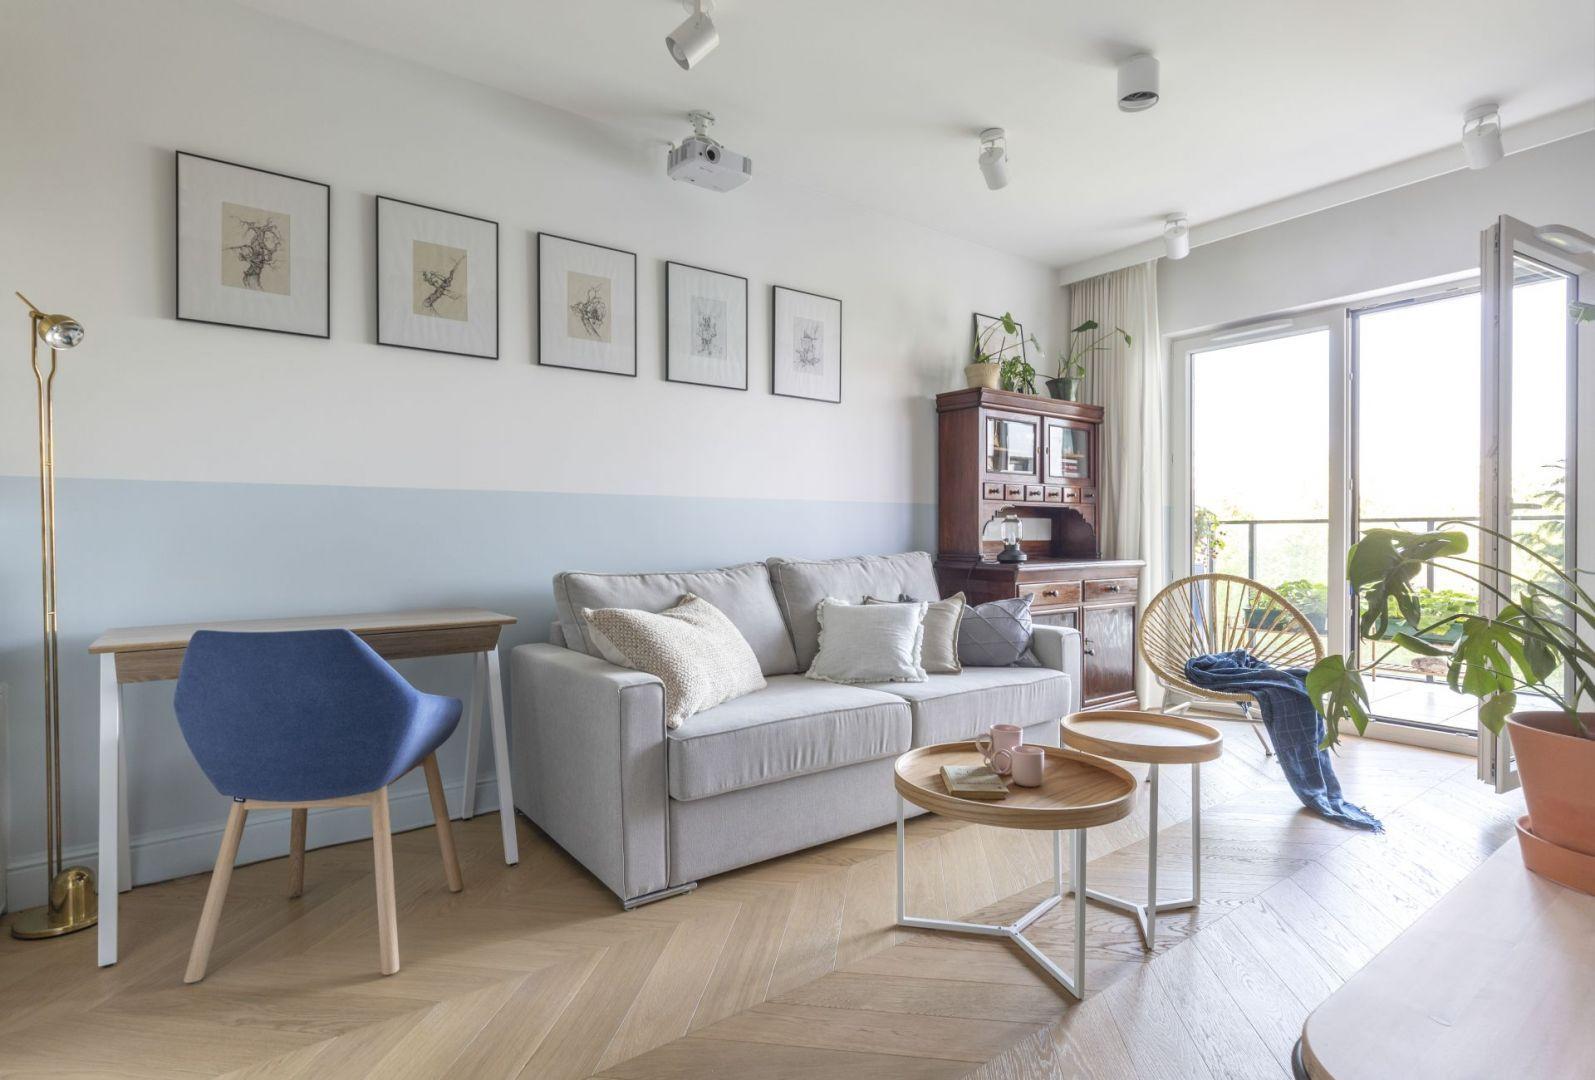 Dwa okrągłe stoliki o różnej wielkości w salonie. Projekt: Joanna Dziurkiewicz, Tworzywo studio. Fot.  Pion Poziom